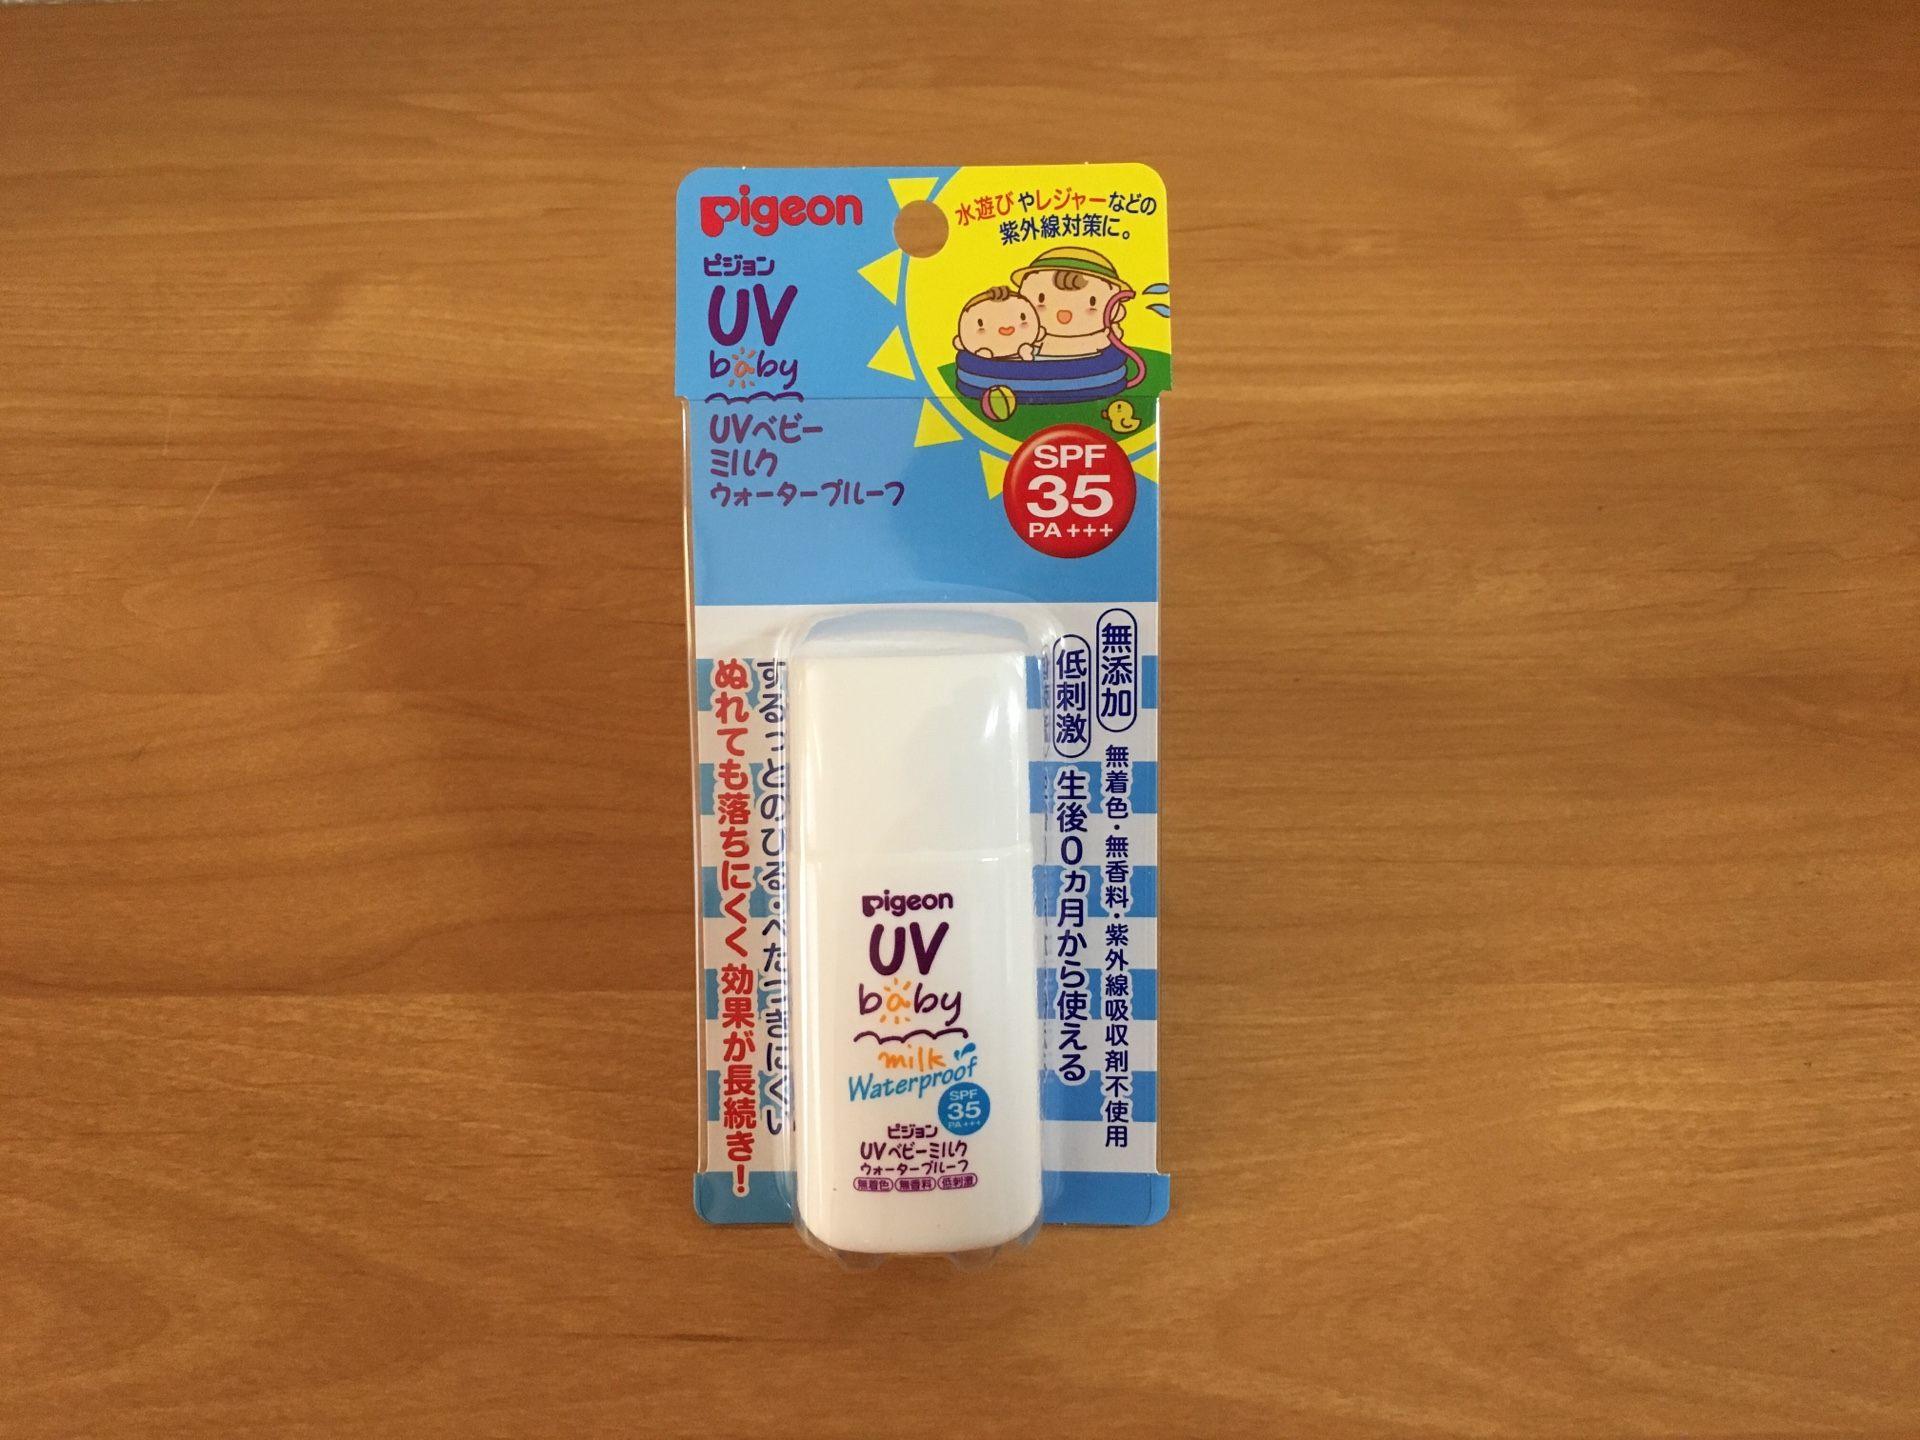 贝亲PIGEON UV婴幼儿用抗UV防晒乳液 防水型